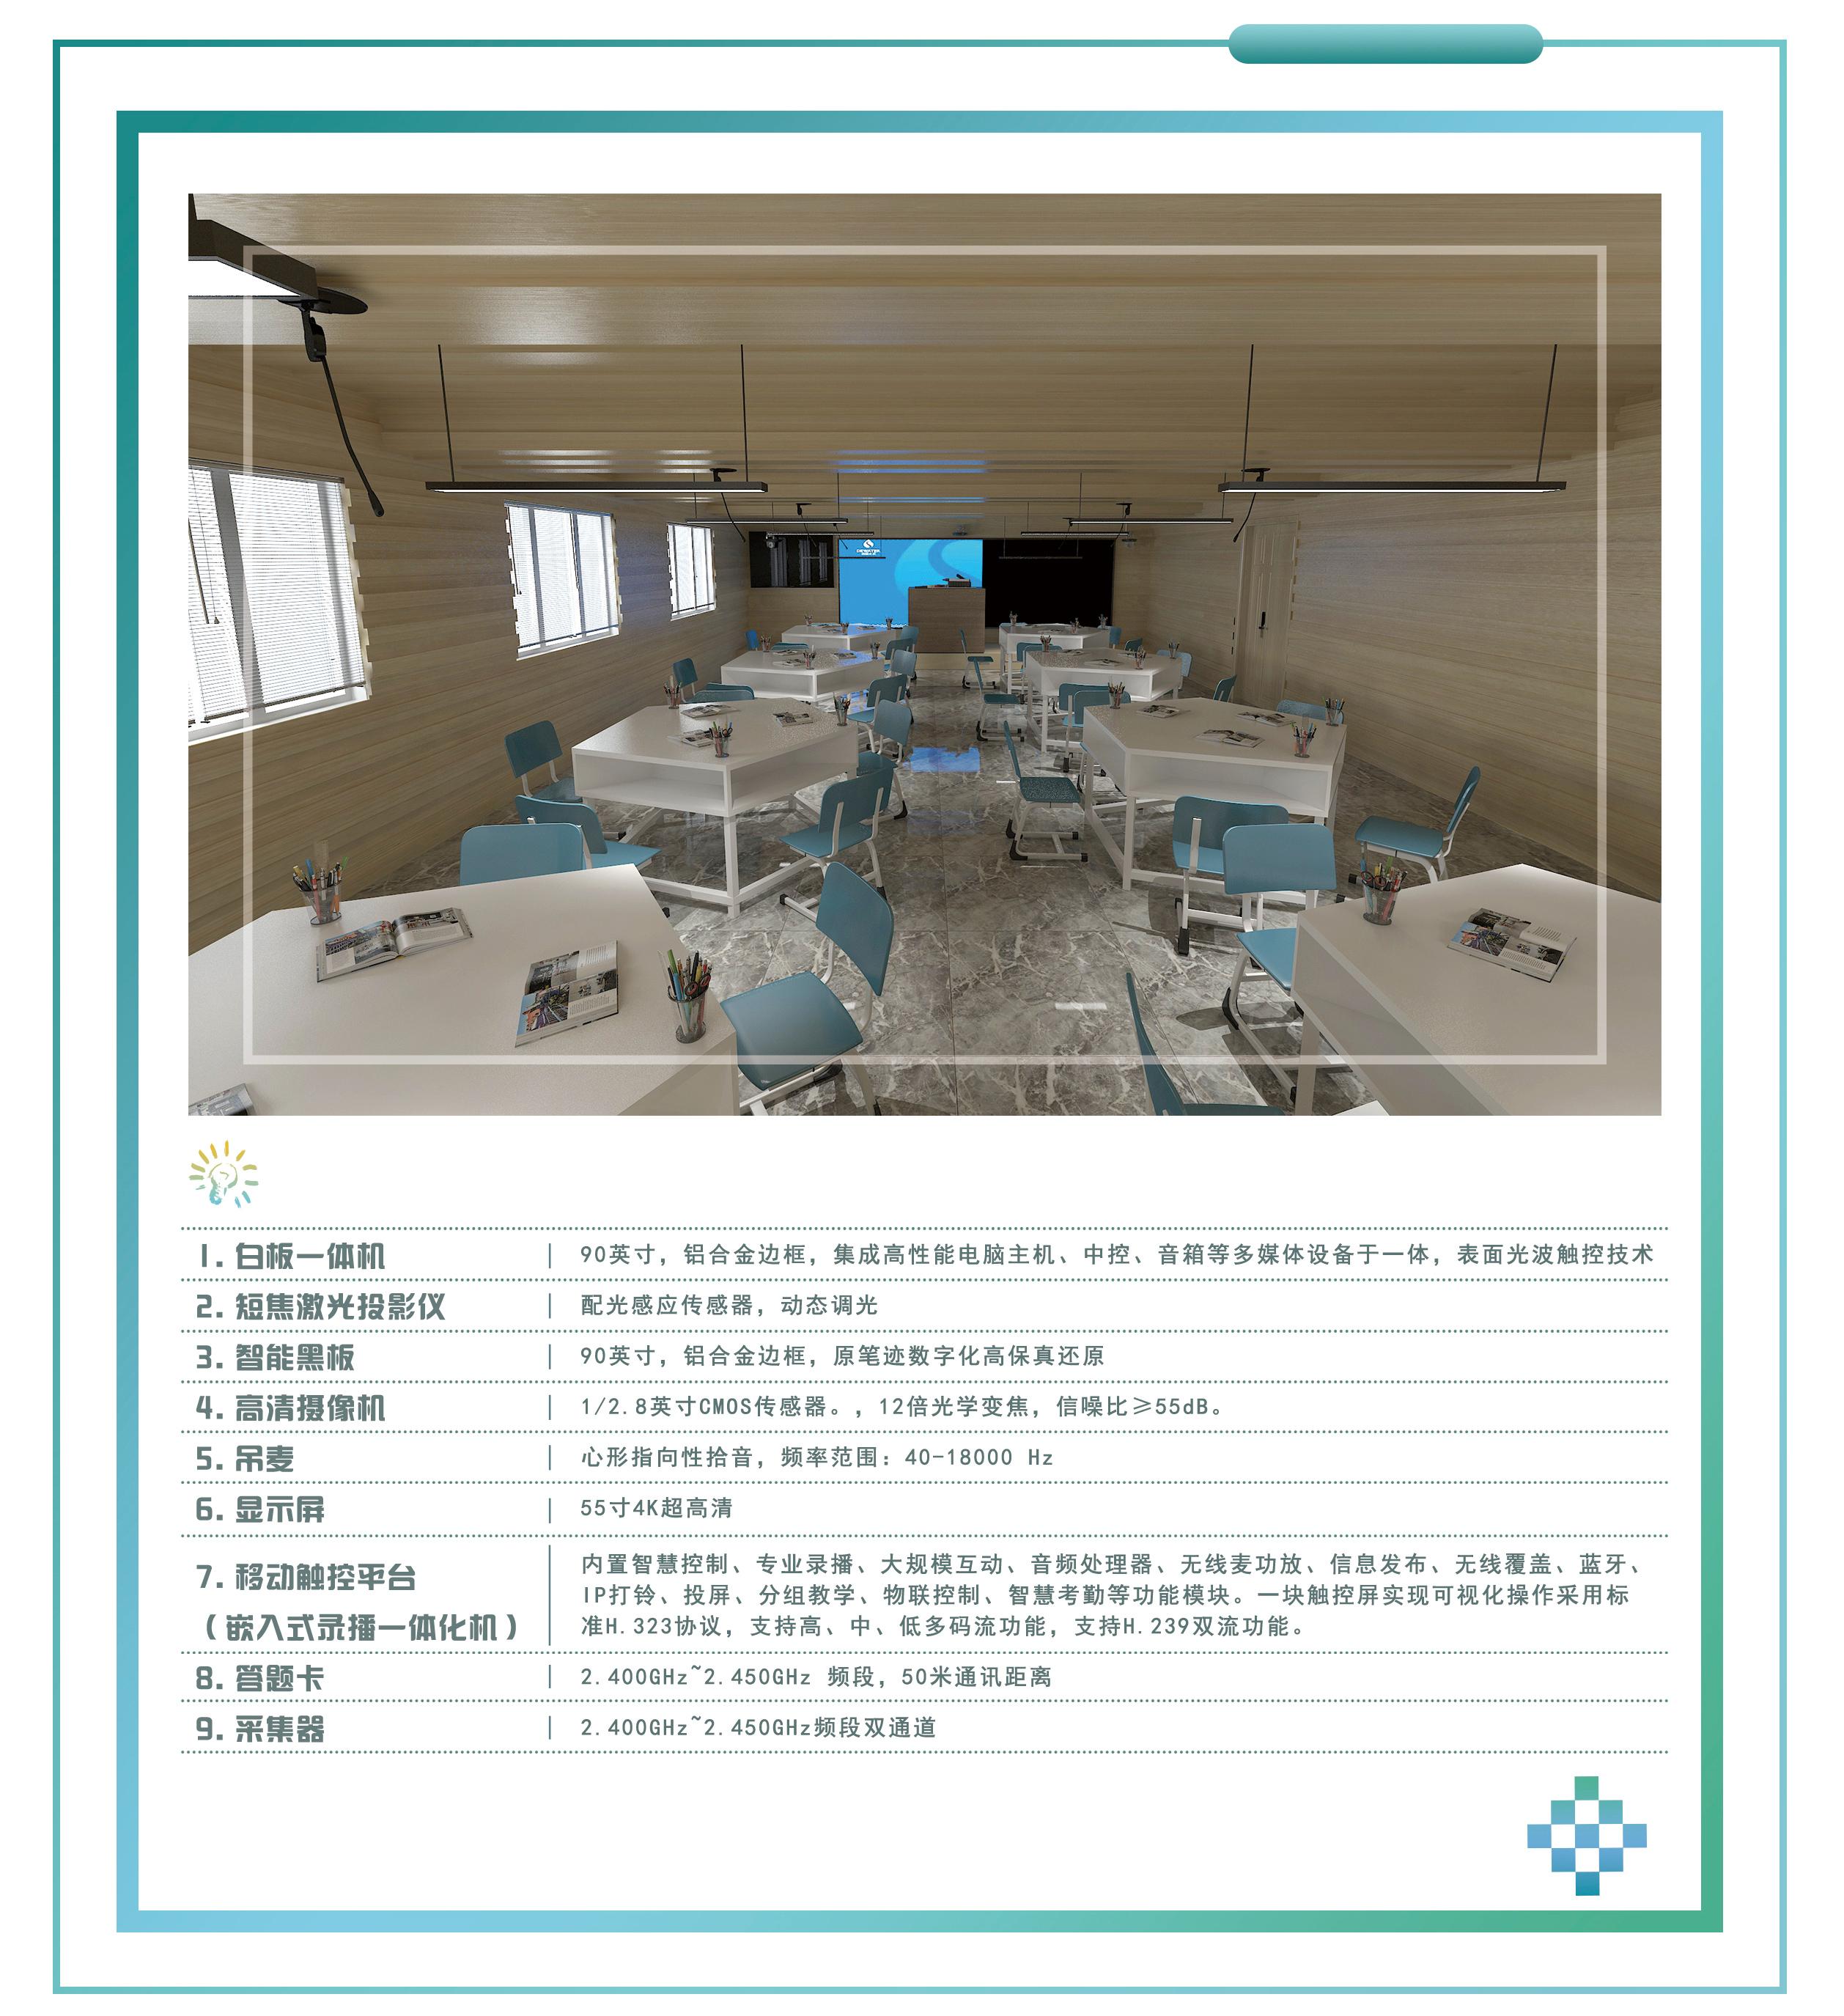 同步课堂硬件11.jpg